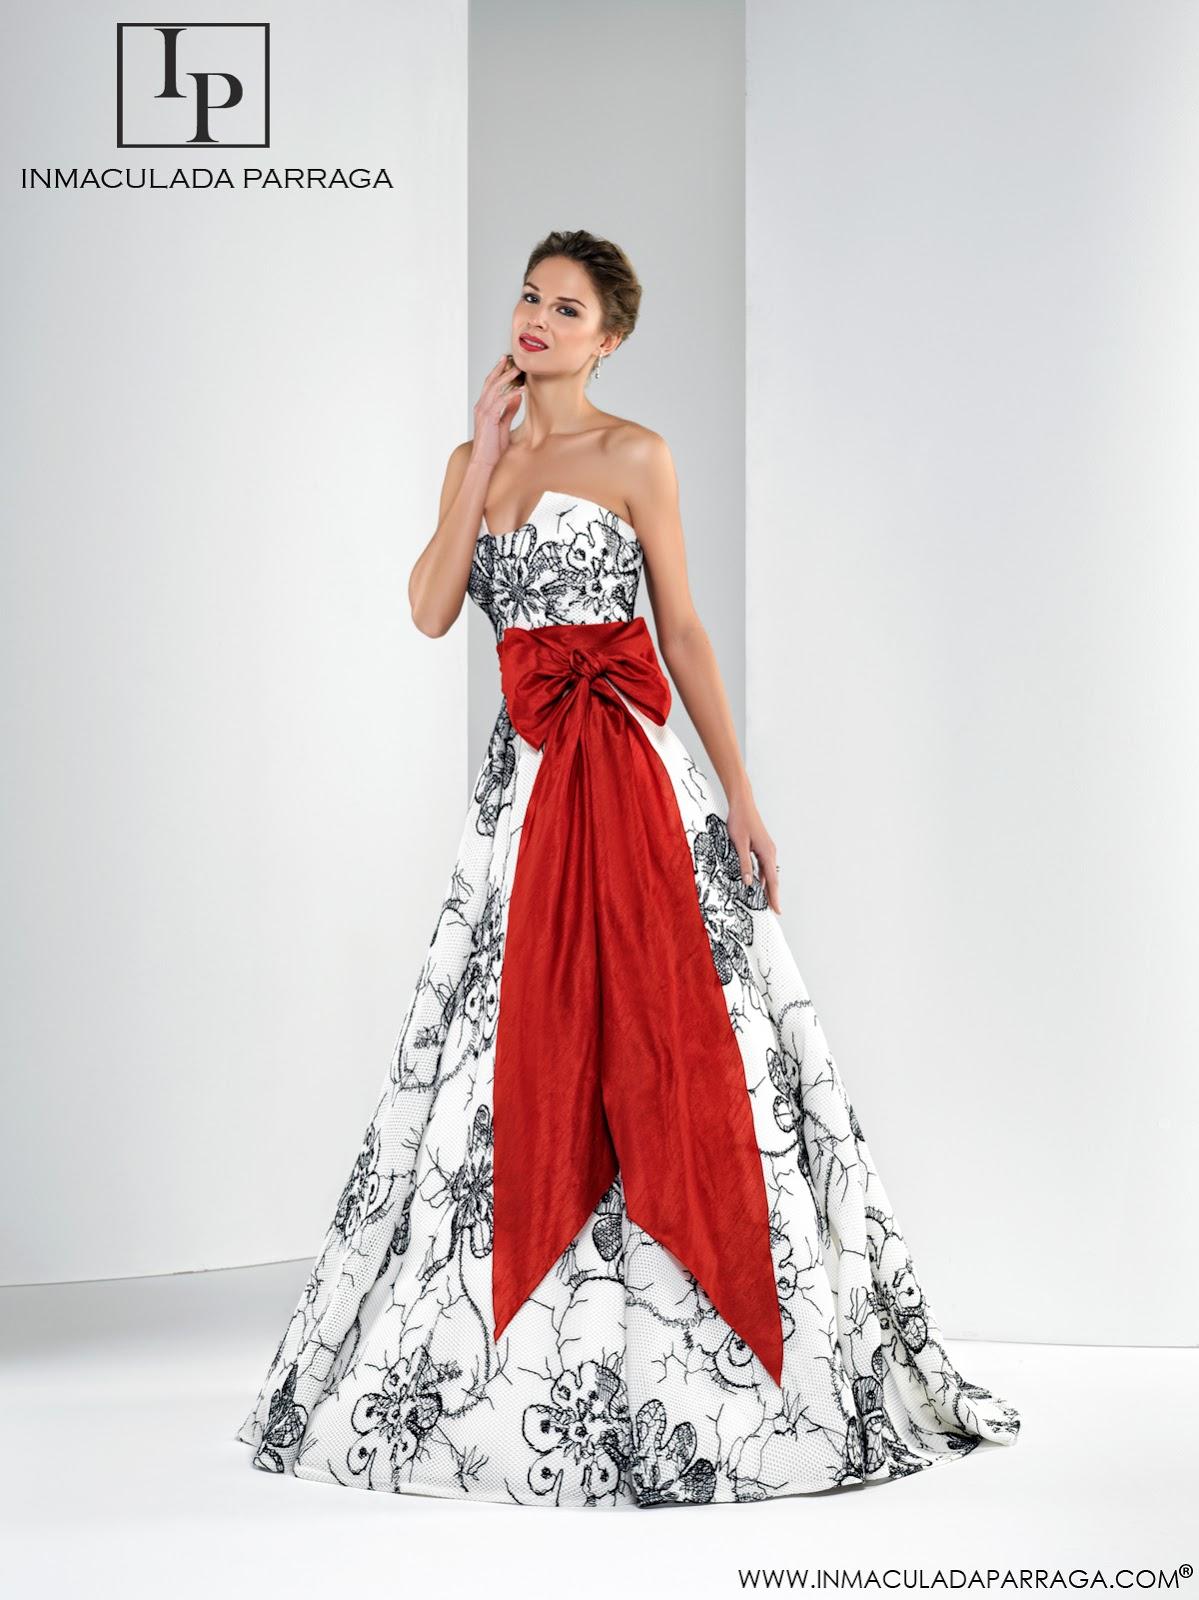 f470a8e006 Espectaculares vestidos en CRISTYANTH